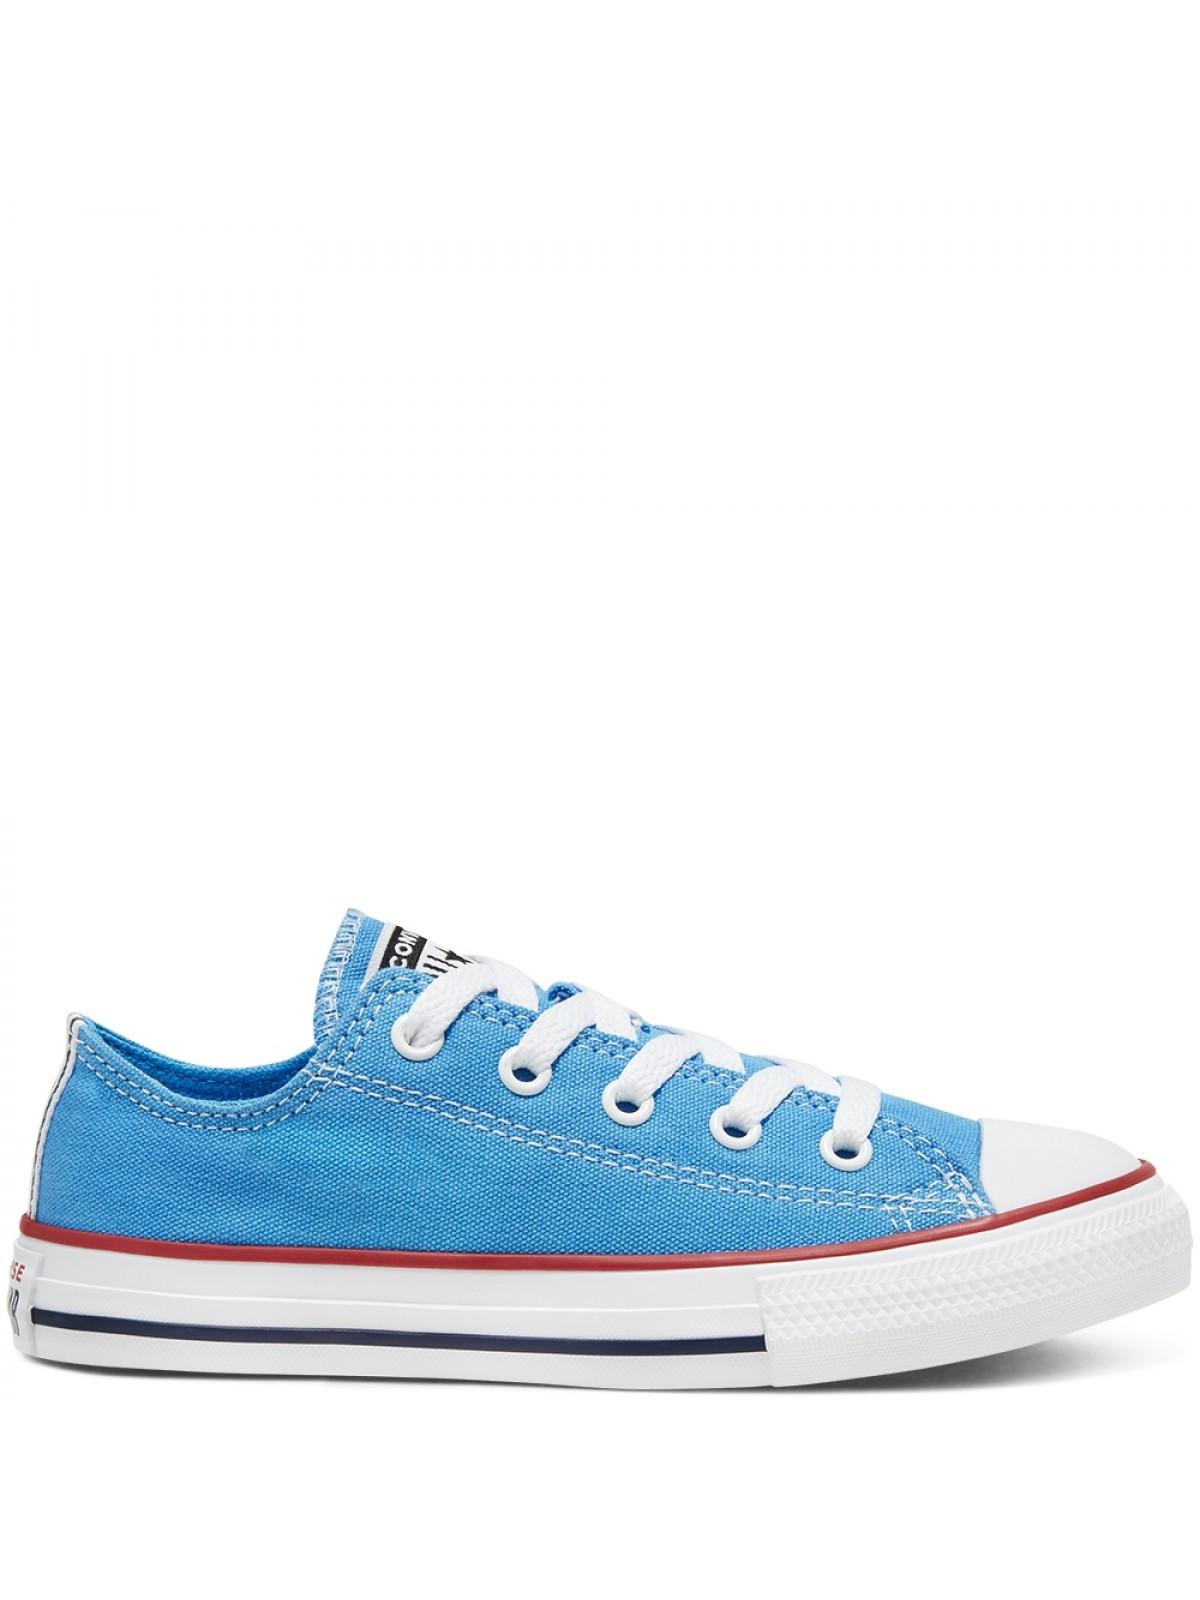 Converse Kids Chuck Taylor all star ox bleu litoral